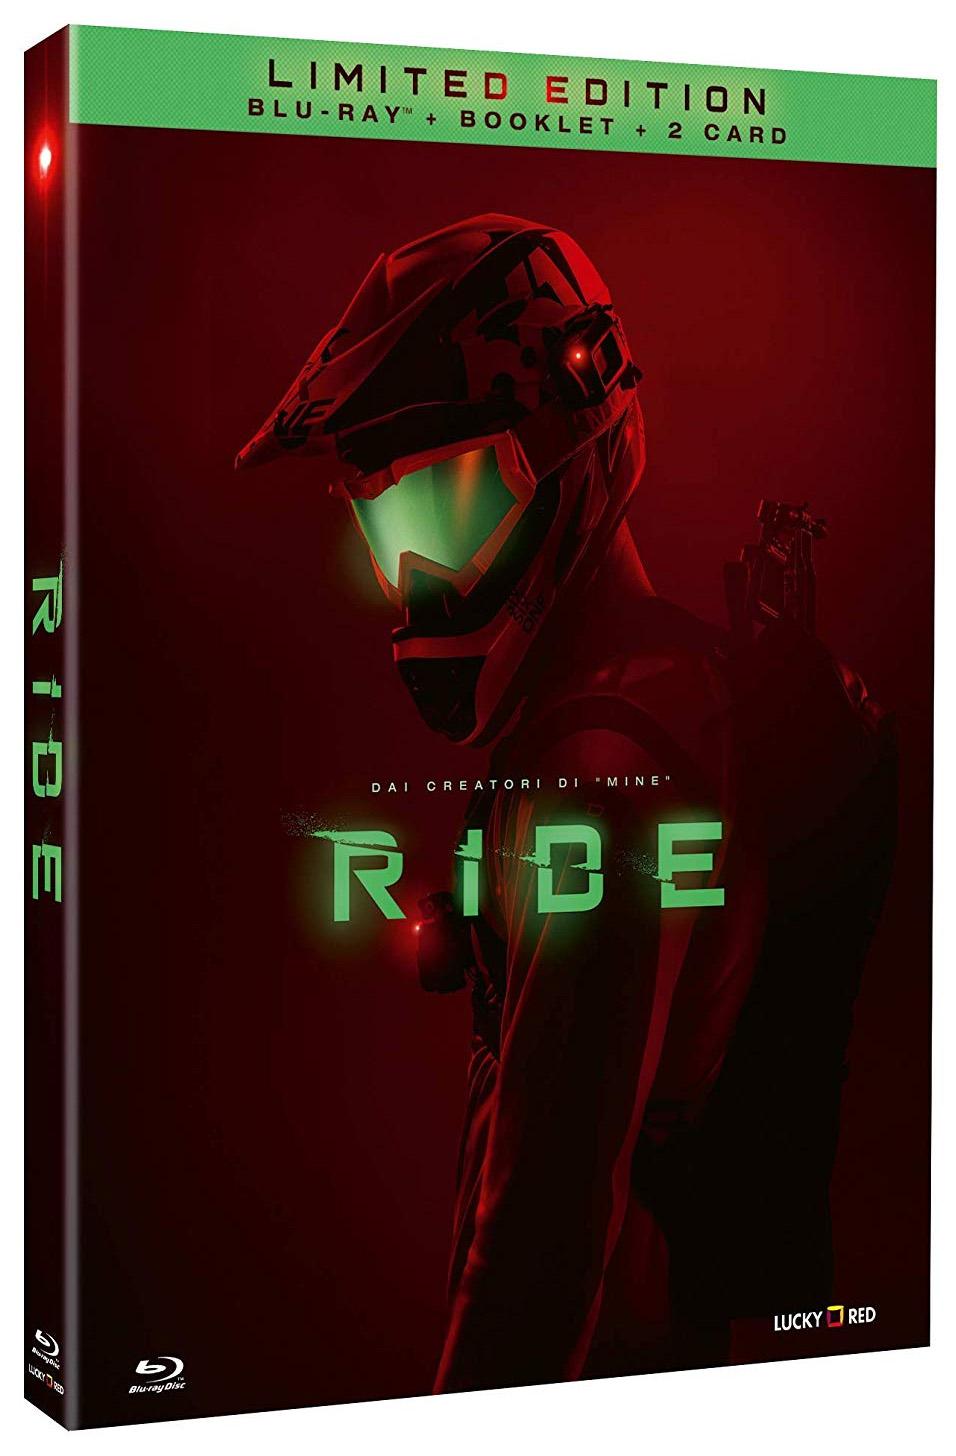 La cover del Blu-ray di Ride